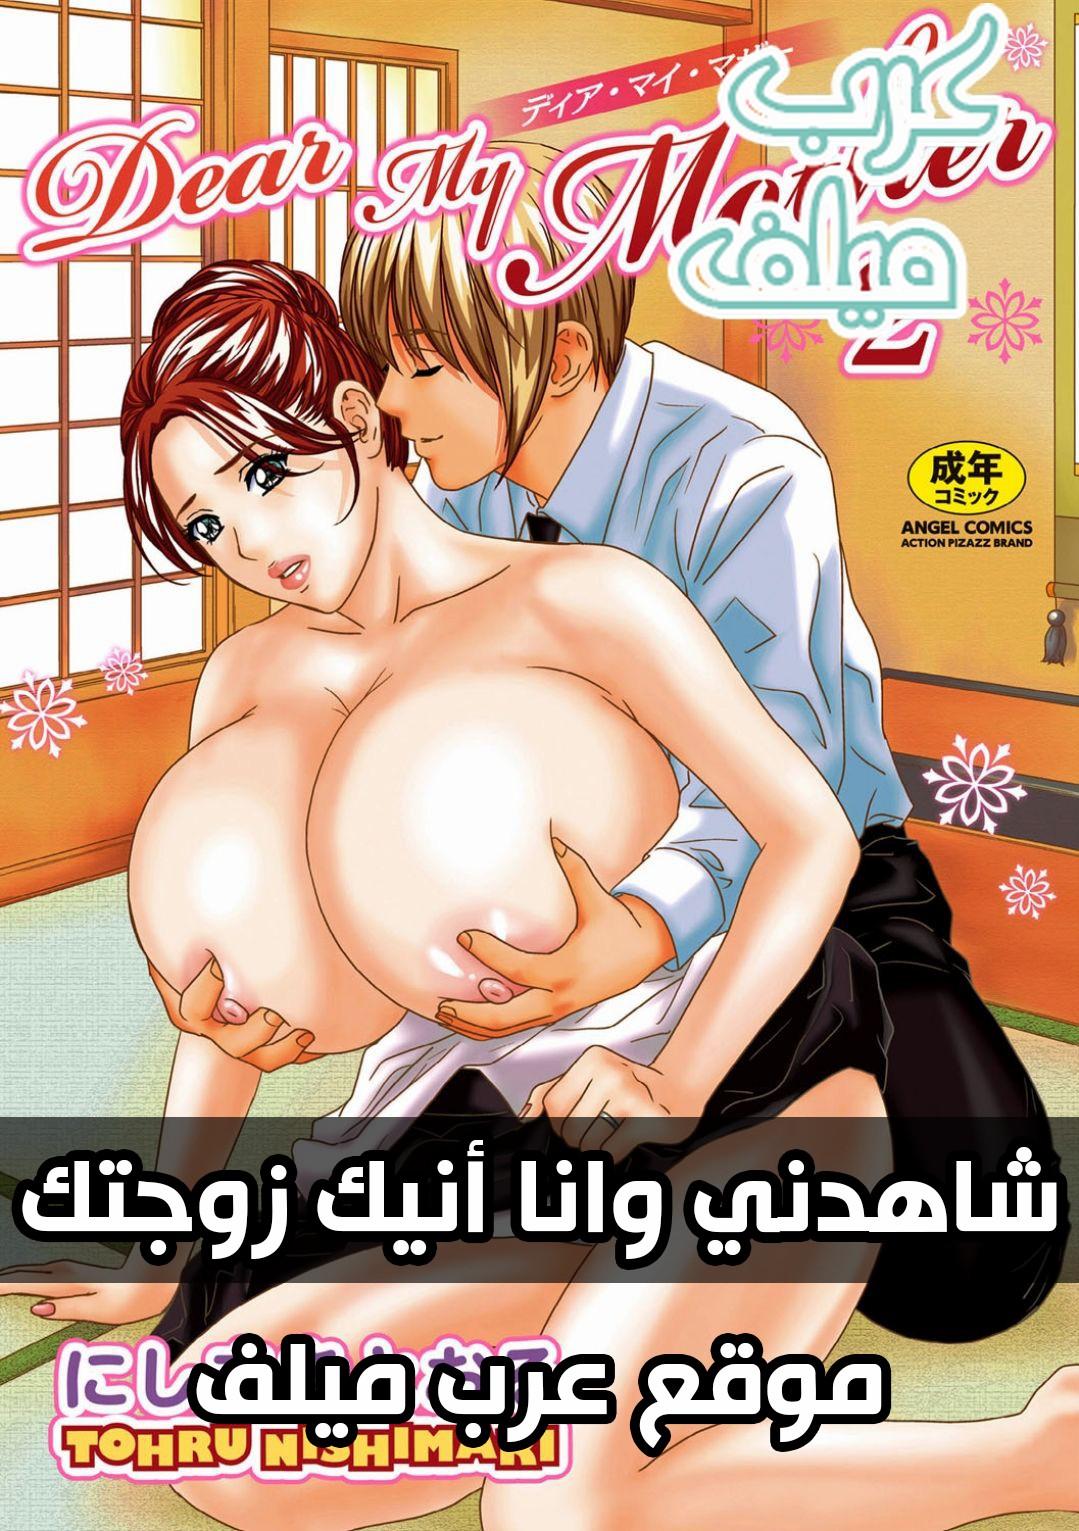 شاهدني وانا أنيك زوجتك قصص دياثة مصورة مترجمة عربي